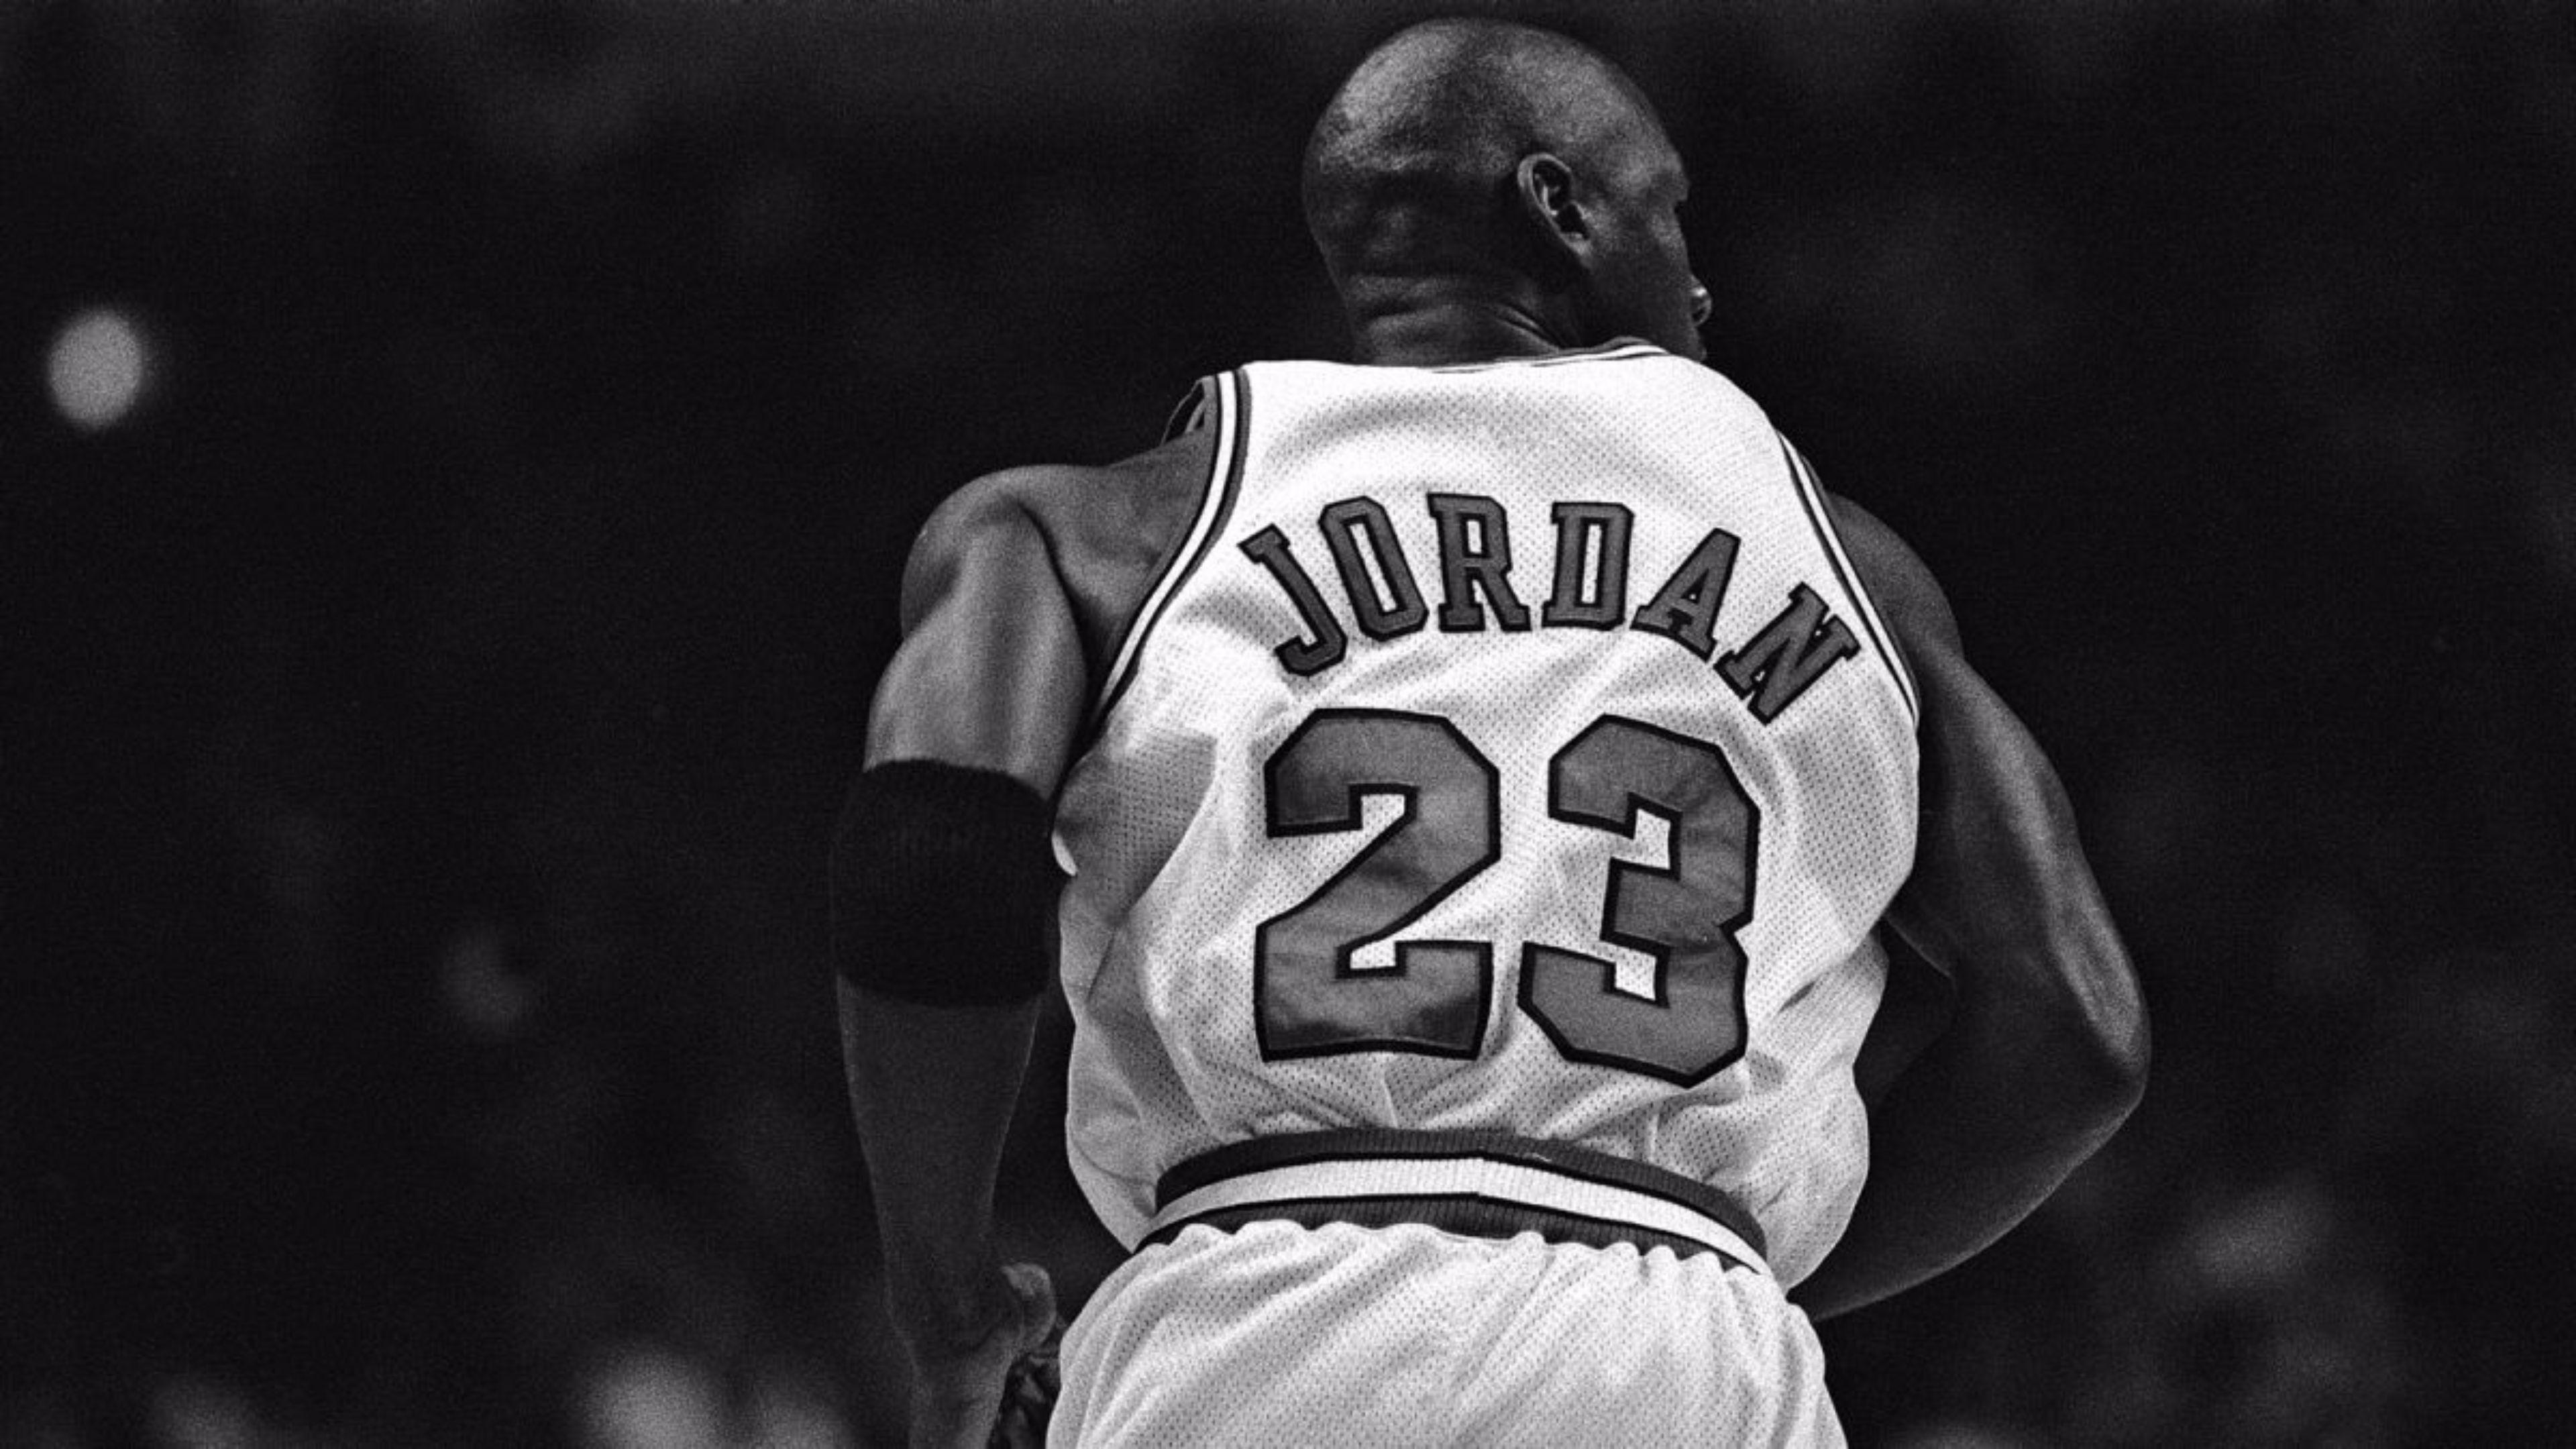 3840x2160 Michael Jordan Black And White Wallpaper HD Xh1